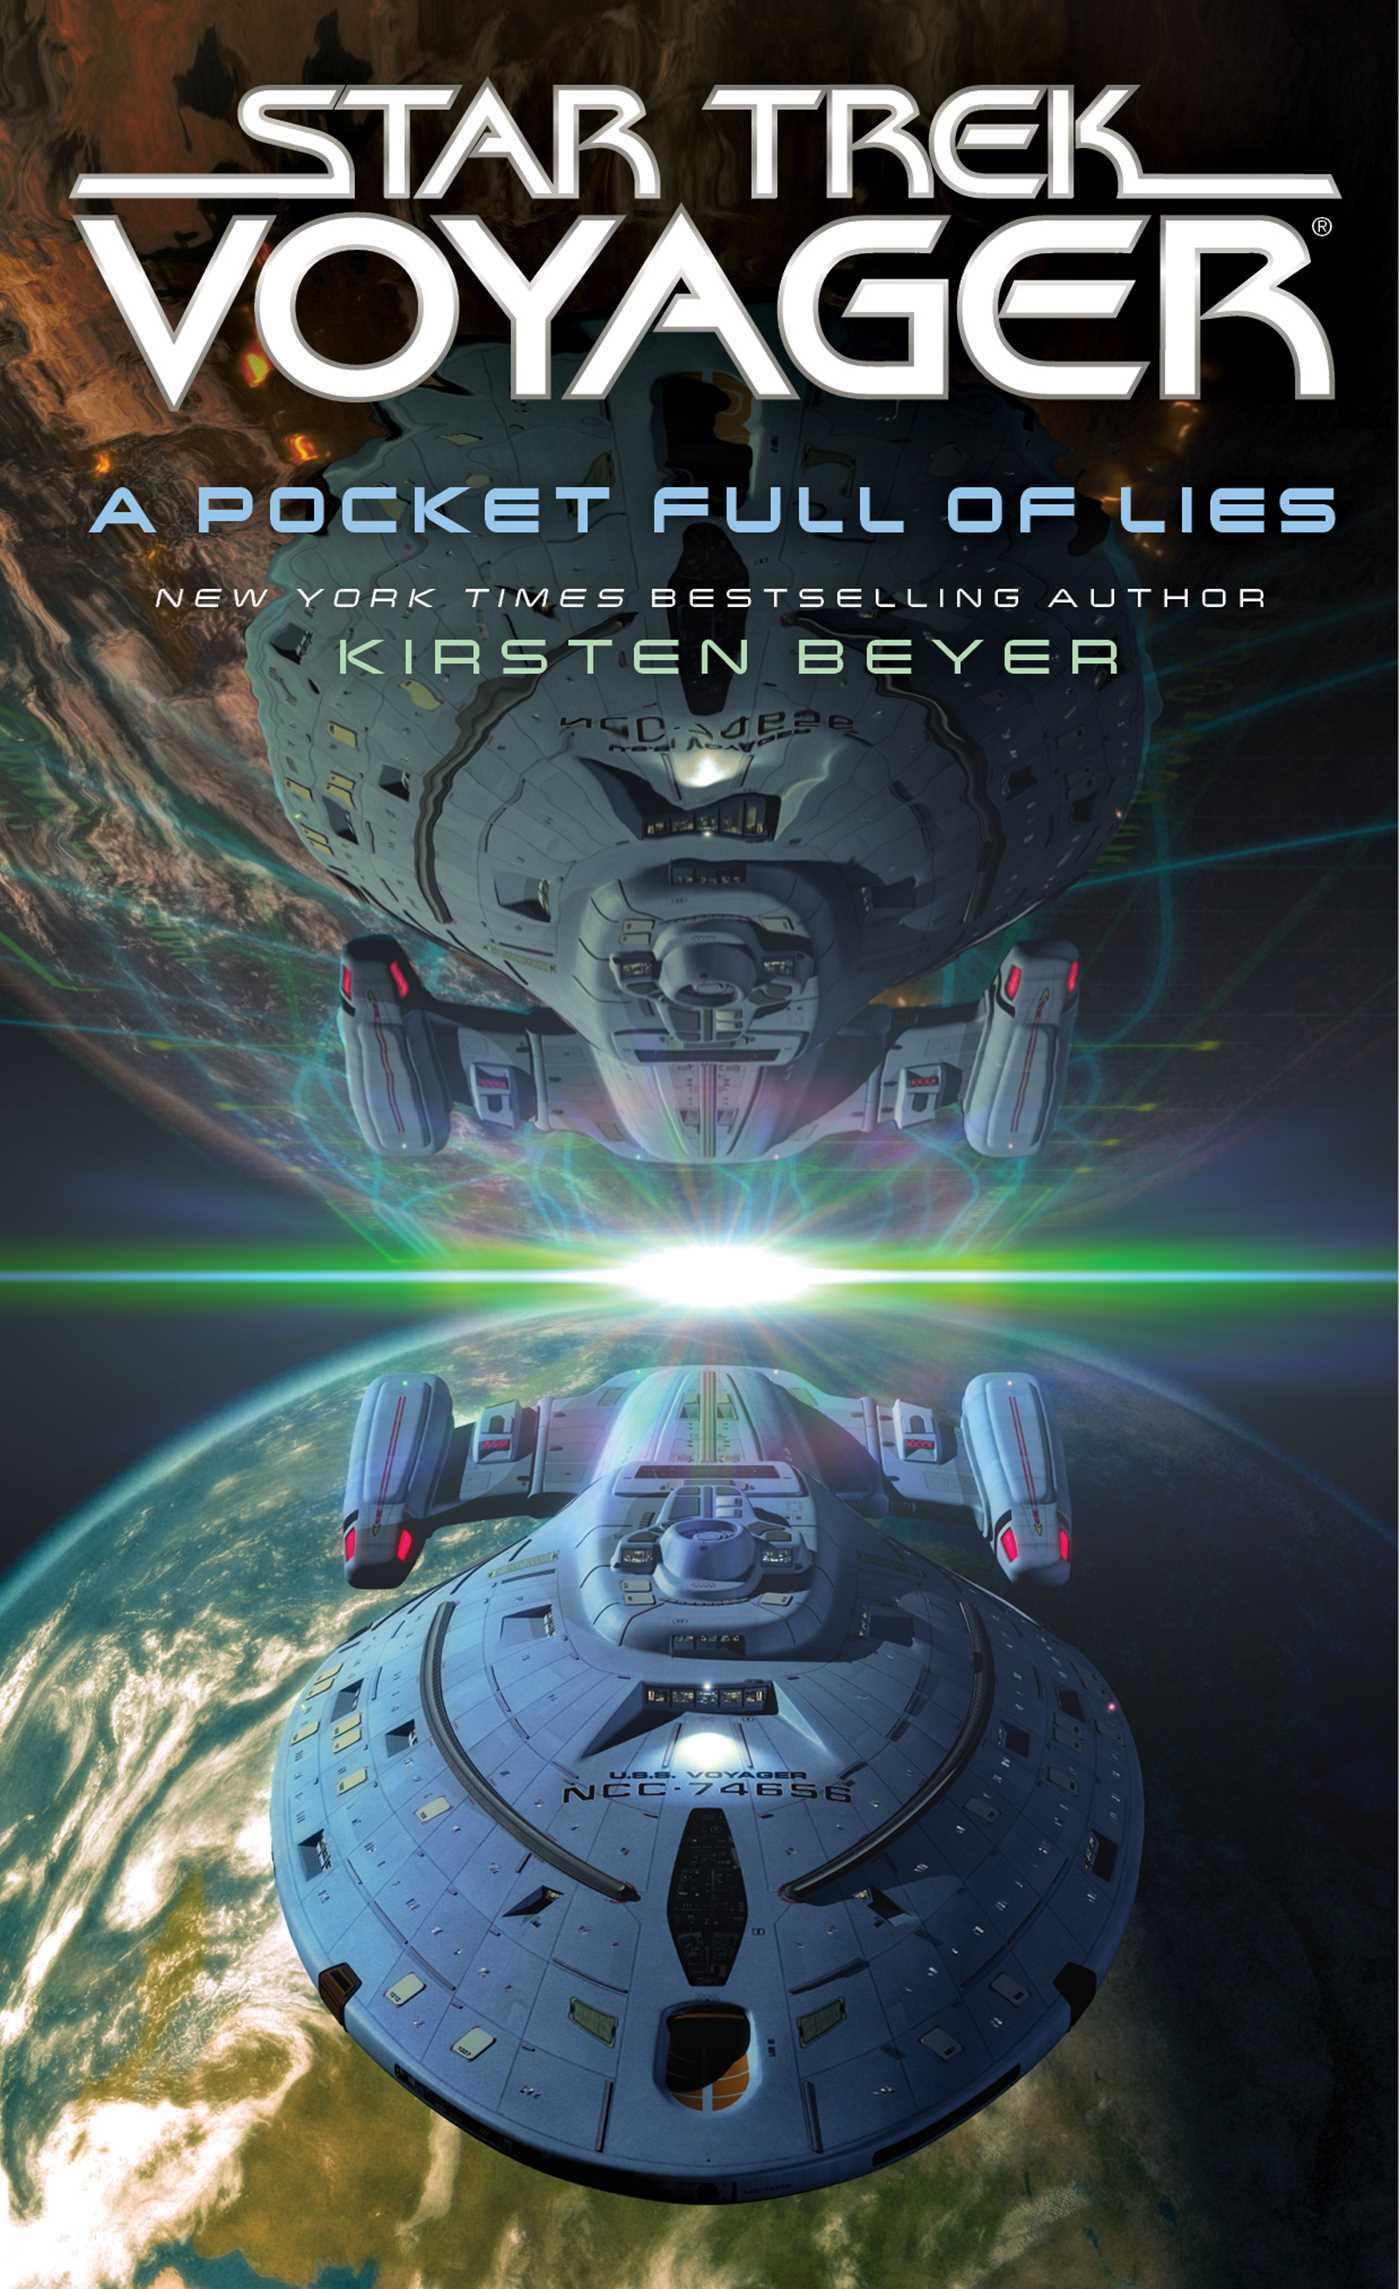 A pocket full of lies 9781476790848 hr